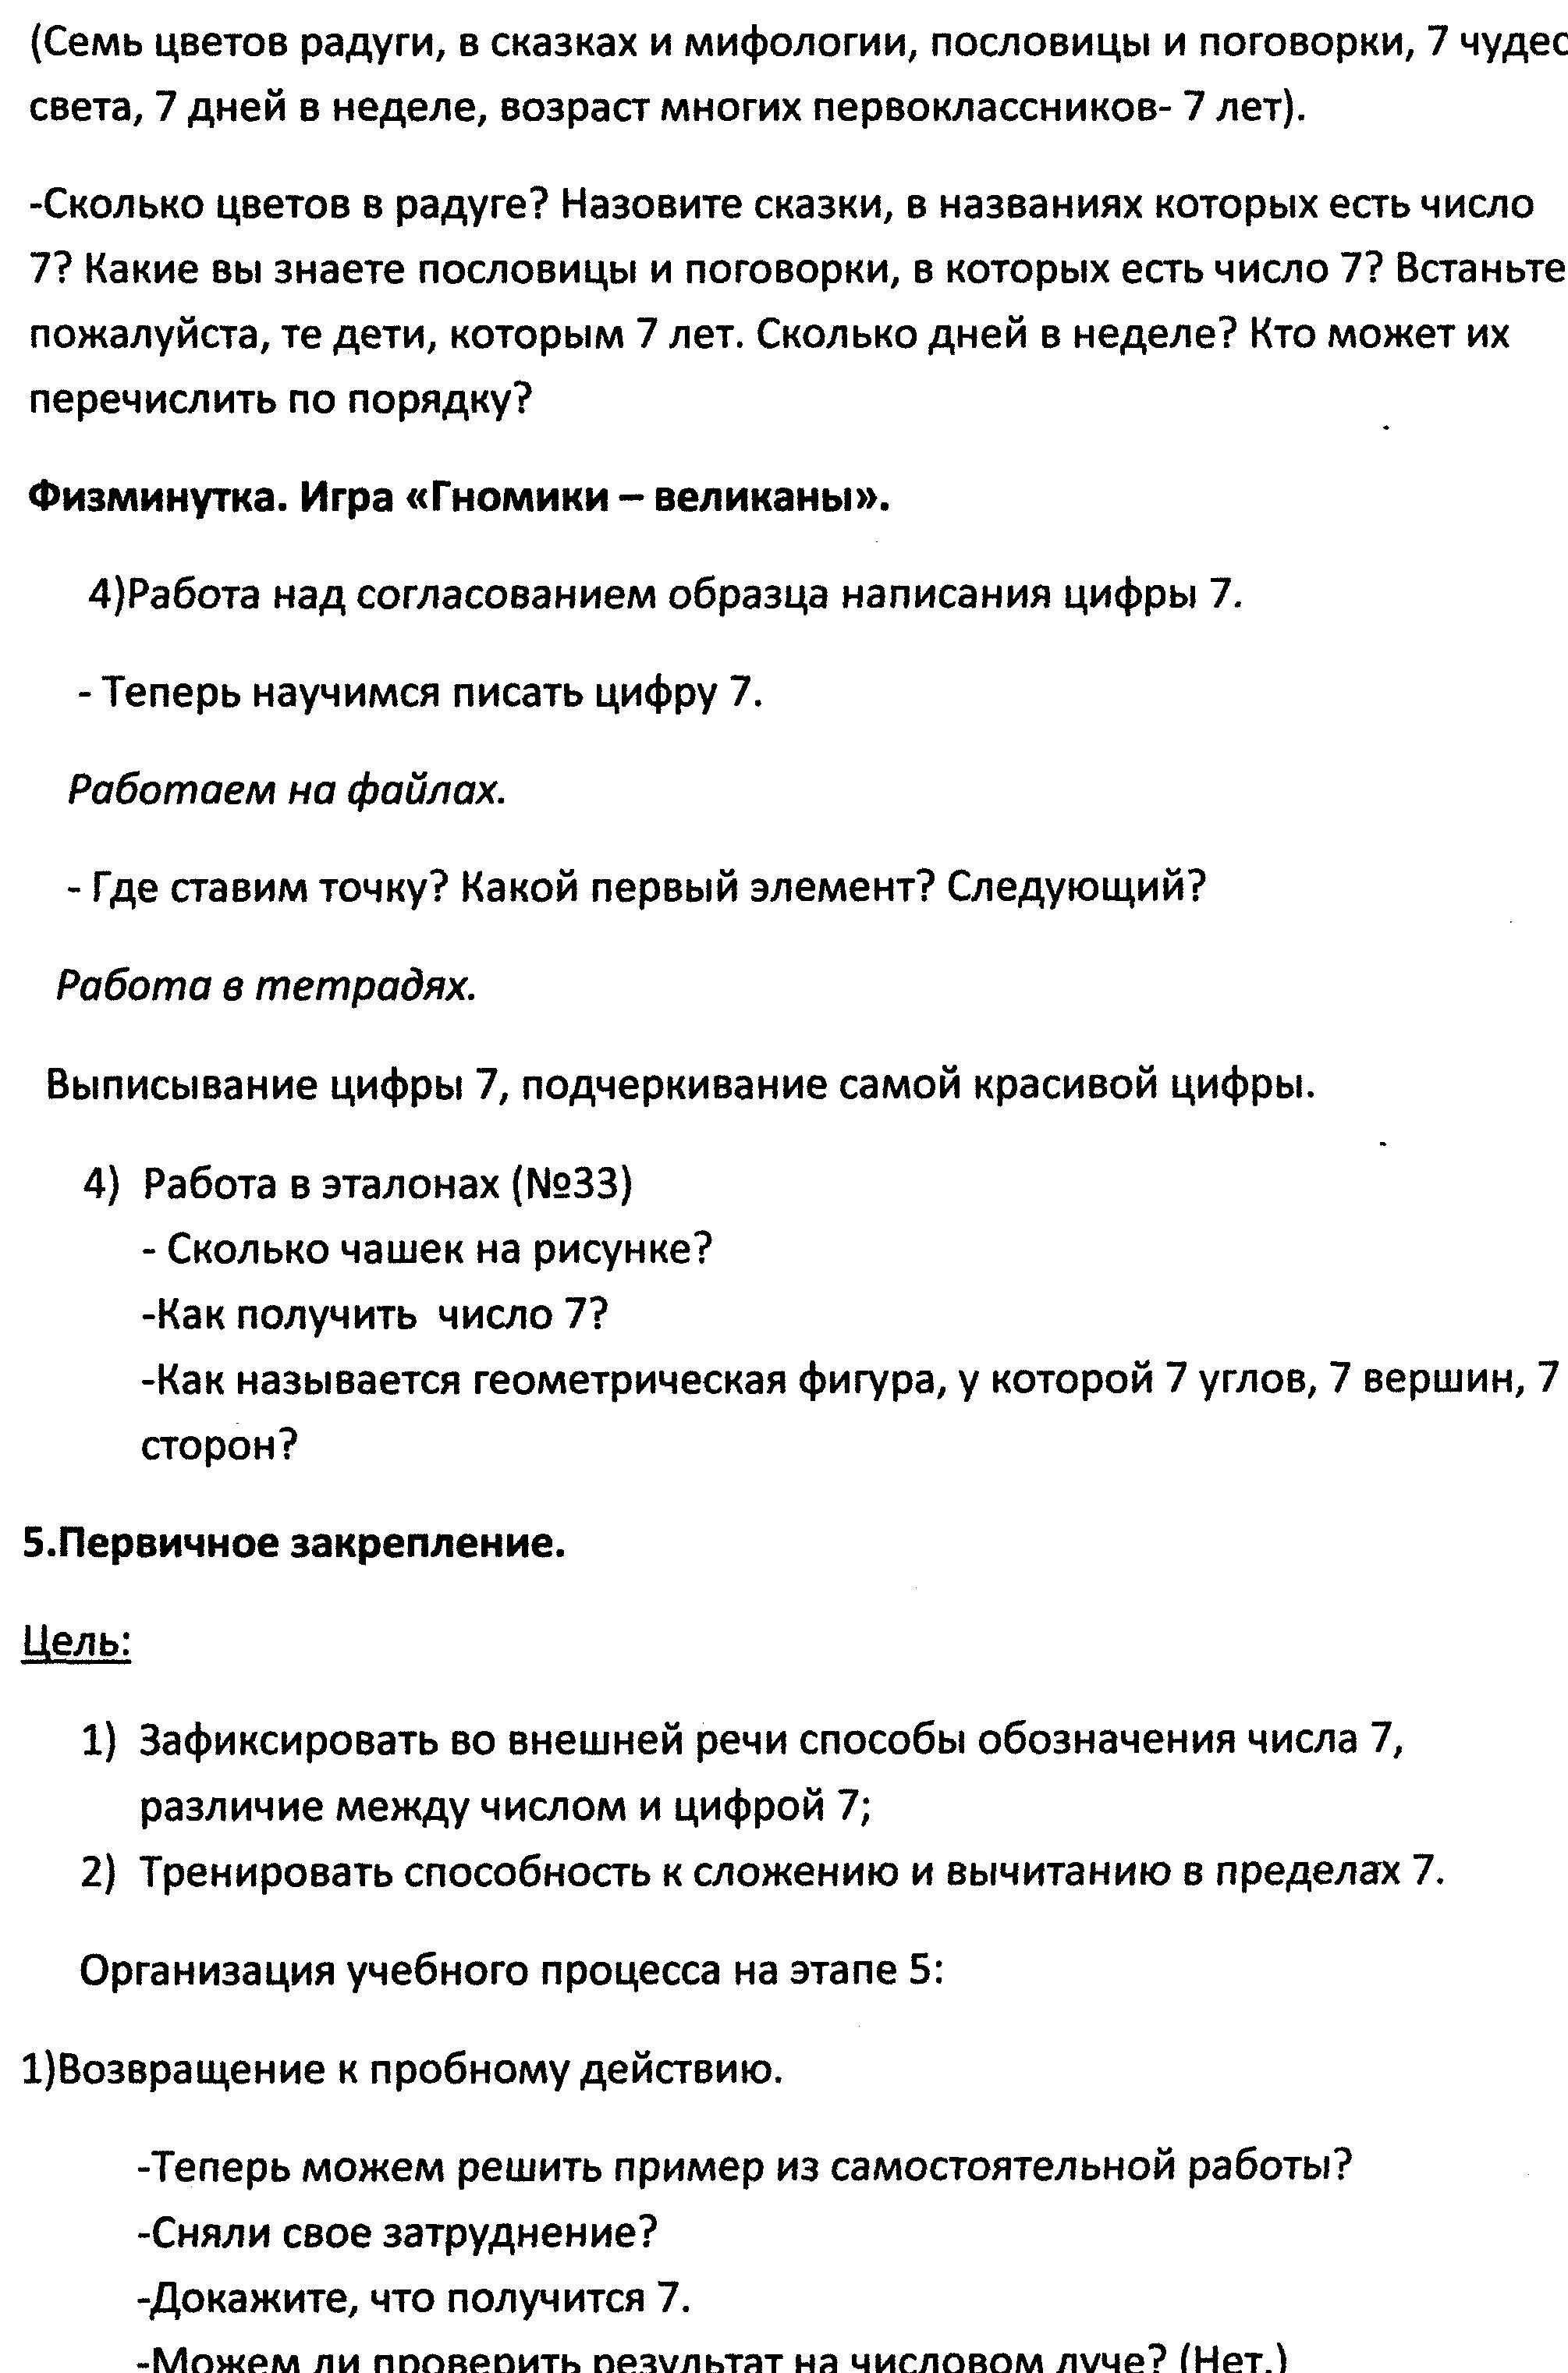 C:\Documents and Settings\Витька\Мои документы\Мои рисунки\img287.jpg